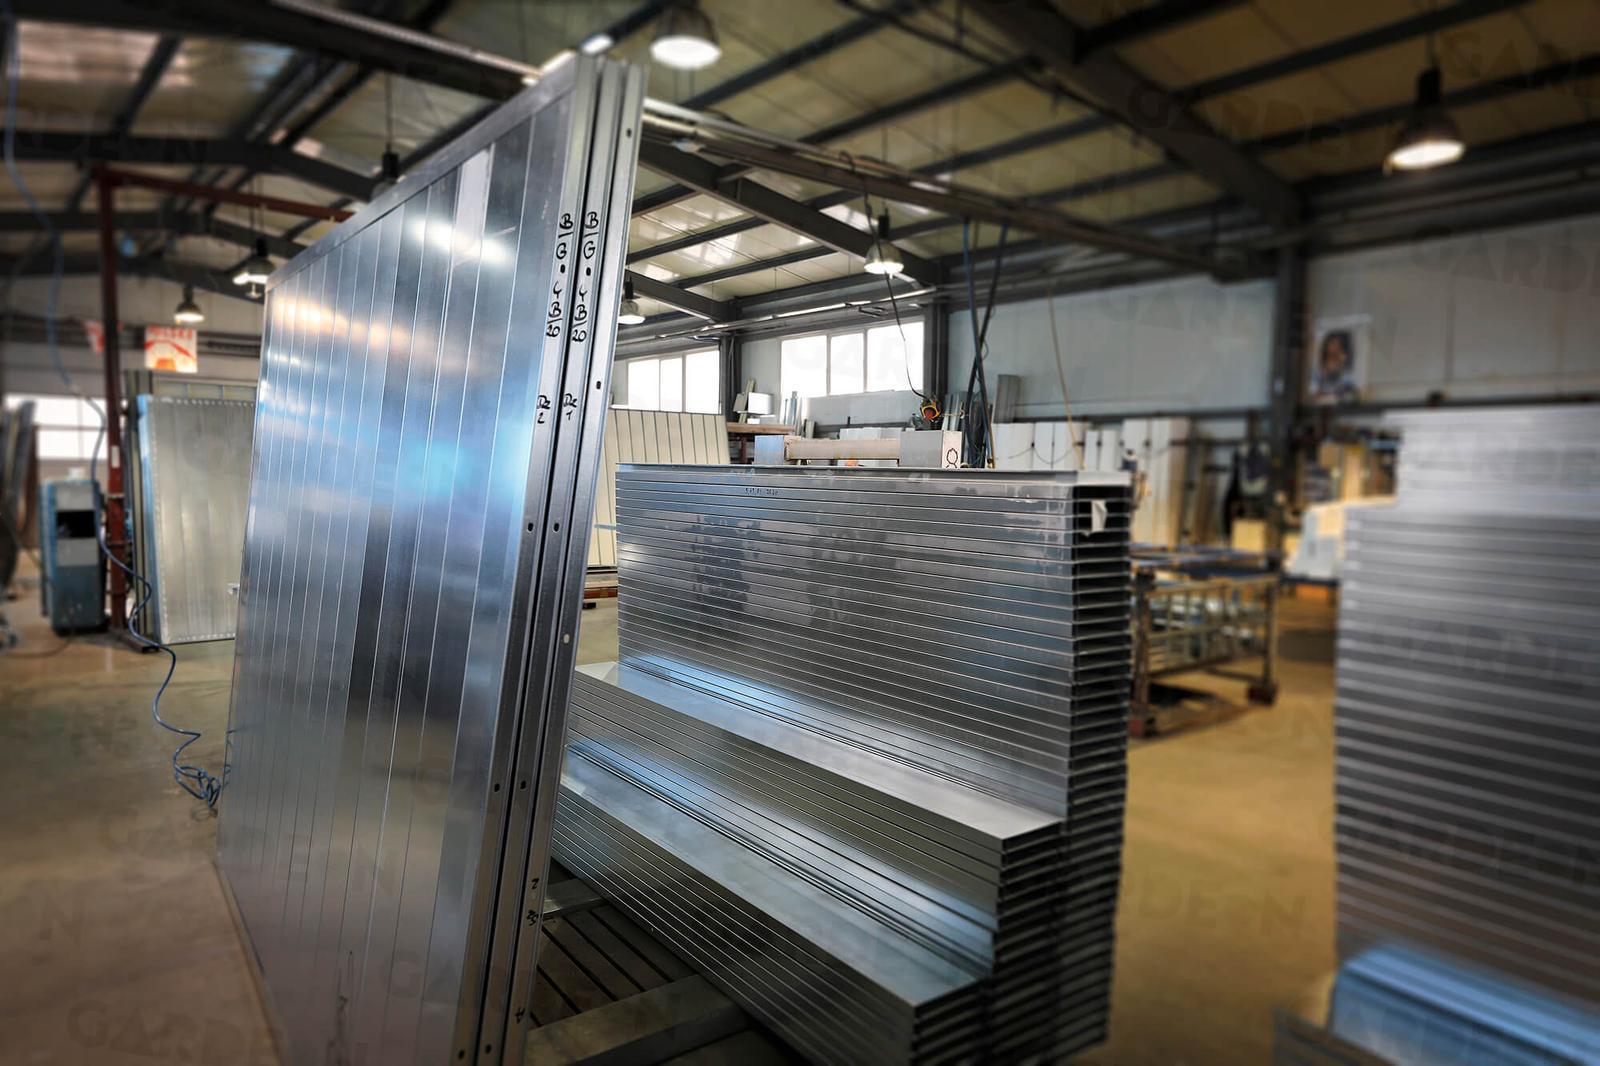 garazenakluc - Takto vyzerá výroba montovaných stavieb GARDEON